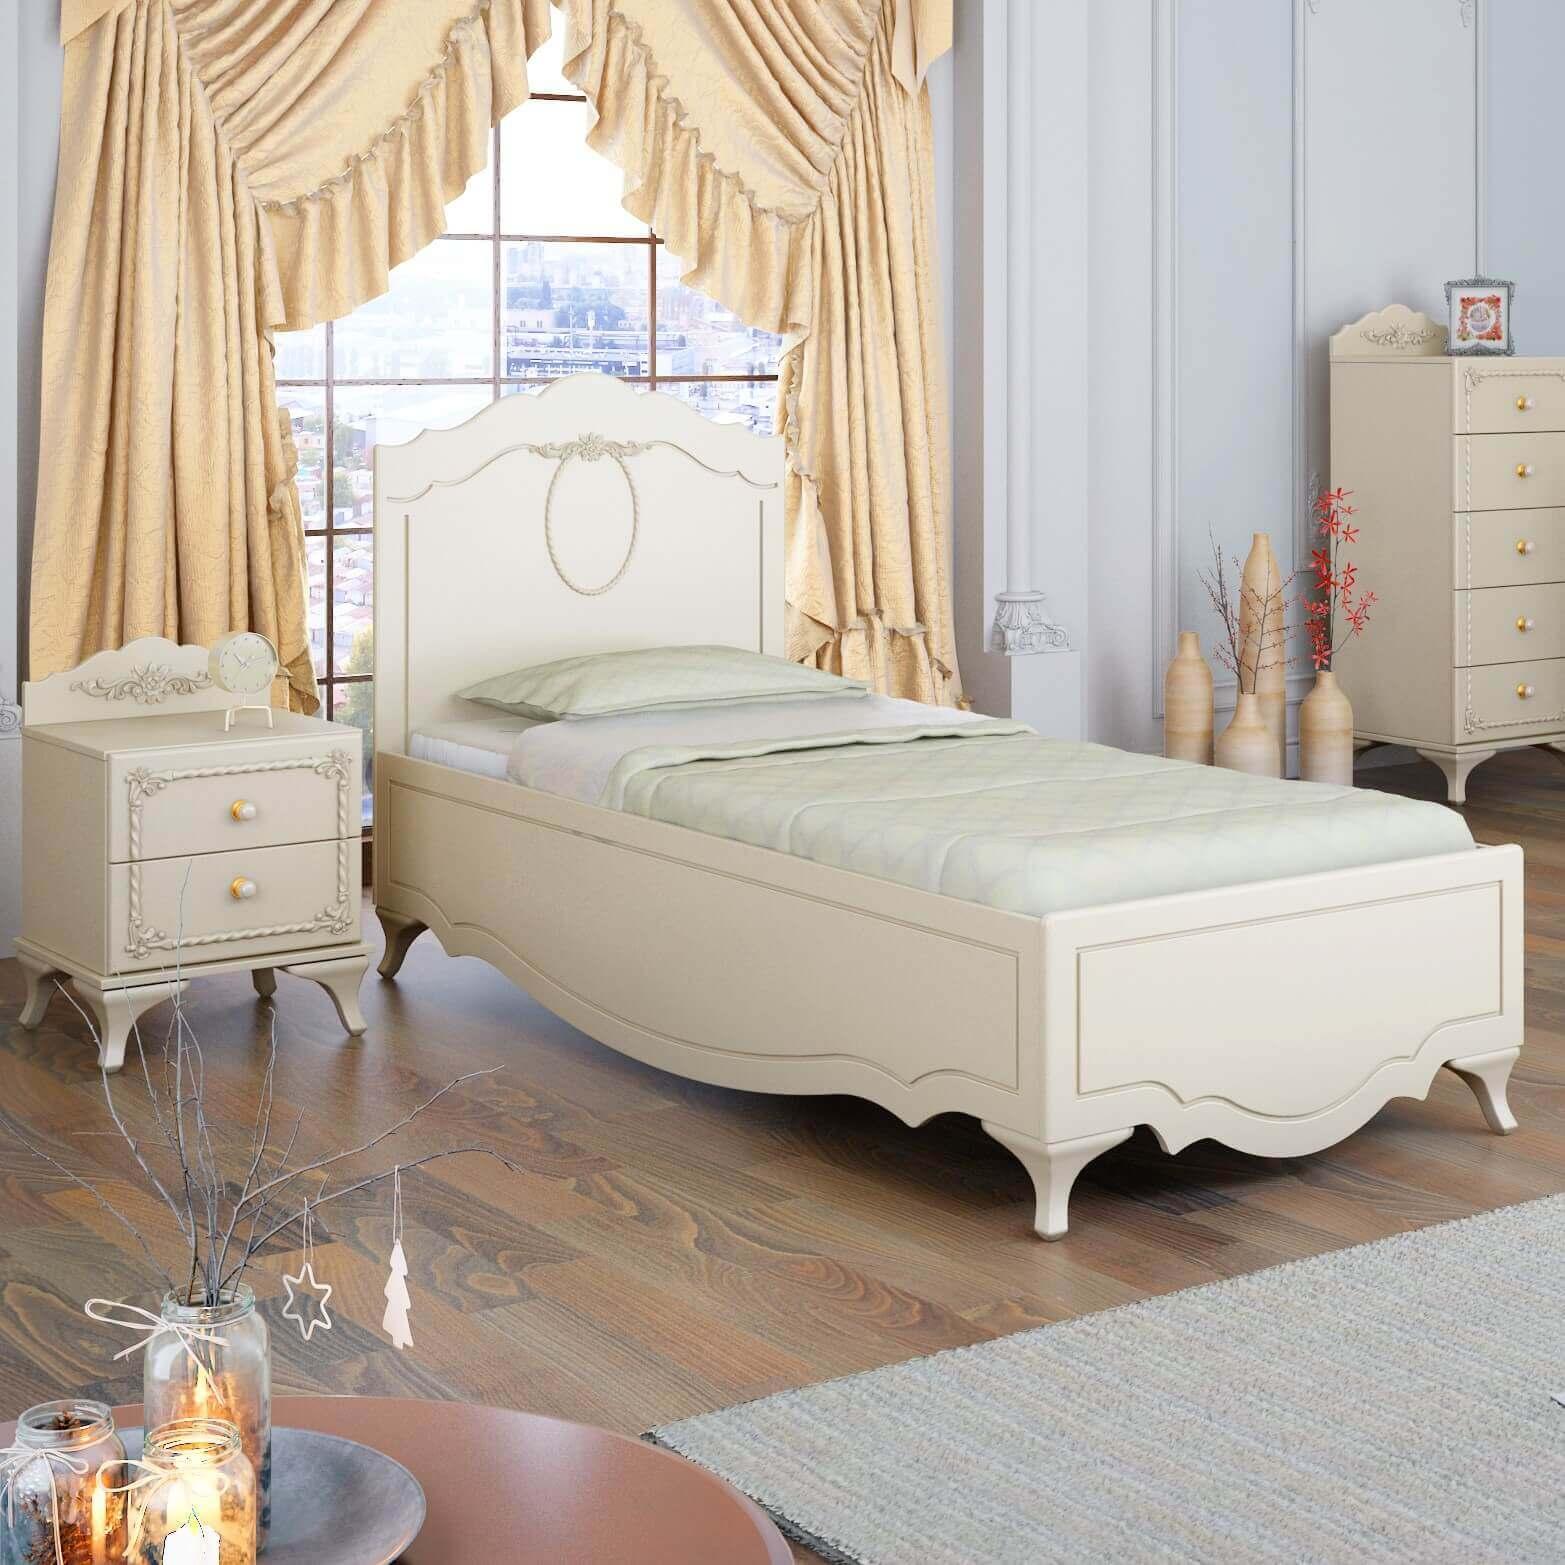 انواع و اقسام مدل تخت خواب که شاید نمیدانستید